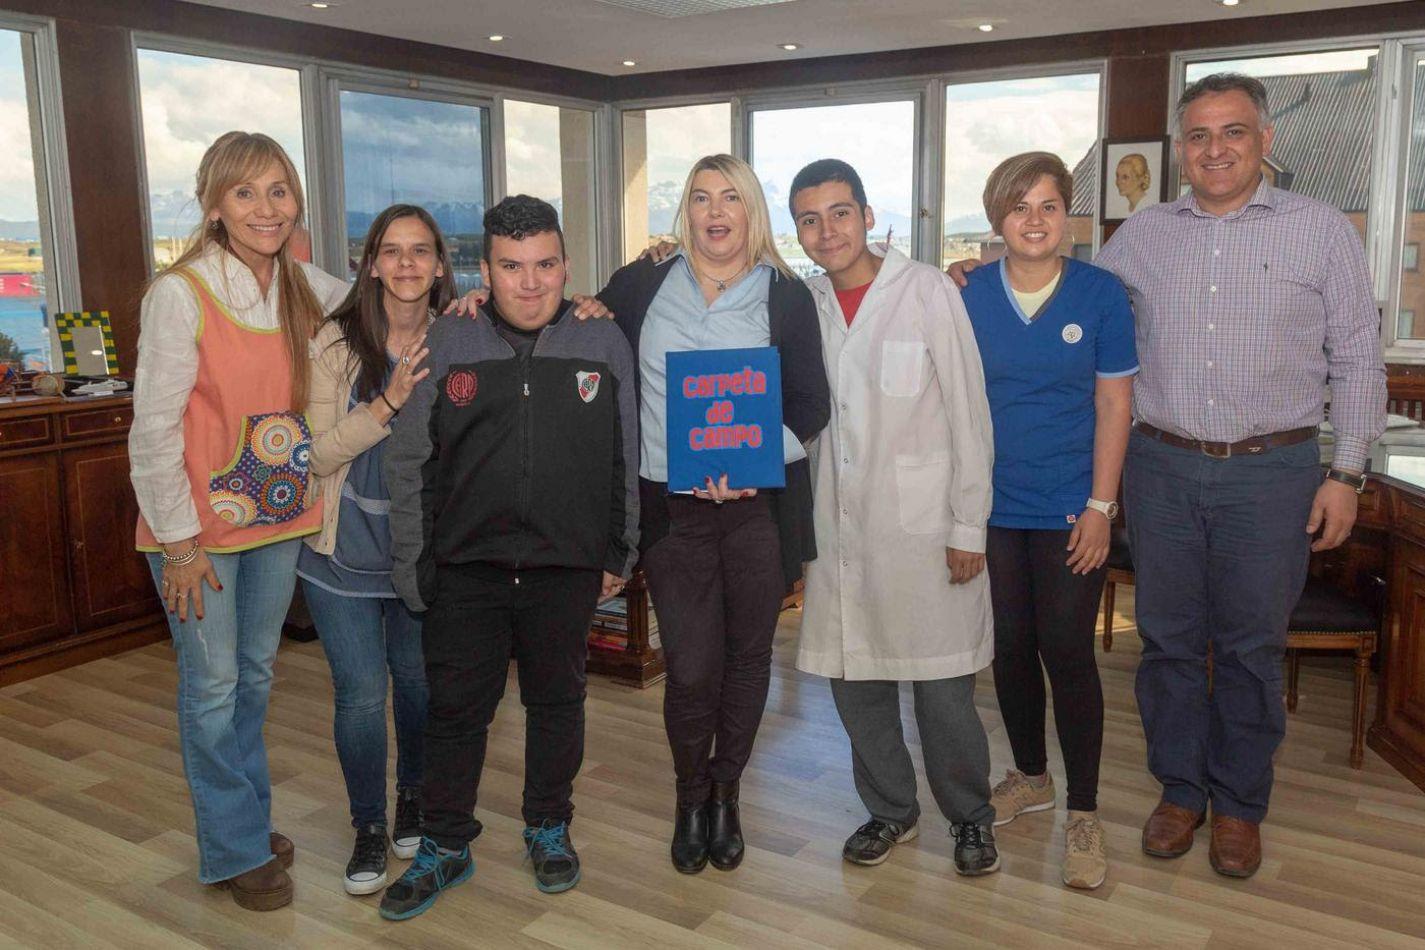 Gobernadora Rosana Bertone, junto al ministro de Educación, Diego Romero, recibieron a los estudiantes y docentes de la escuela especial Nº1 Kayú Chen